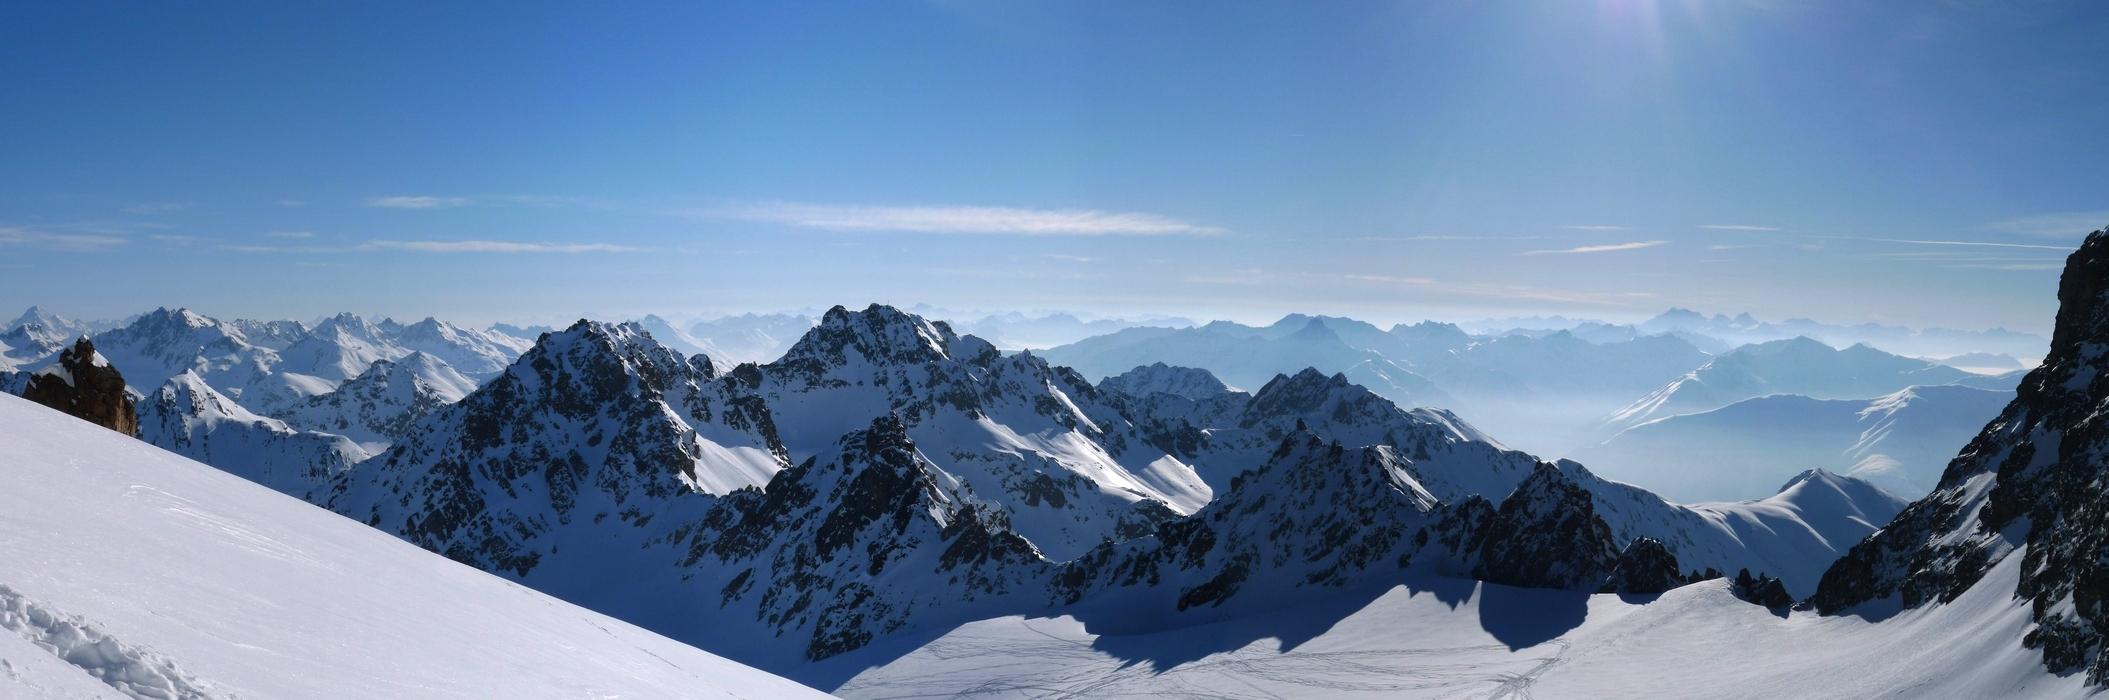 Piz Kech - Chamanna Es-cha Albula Alpen Switzerland panorama 09